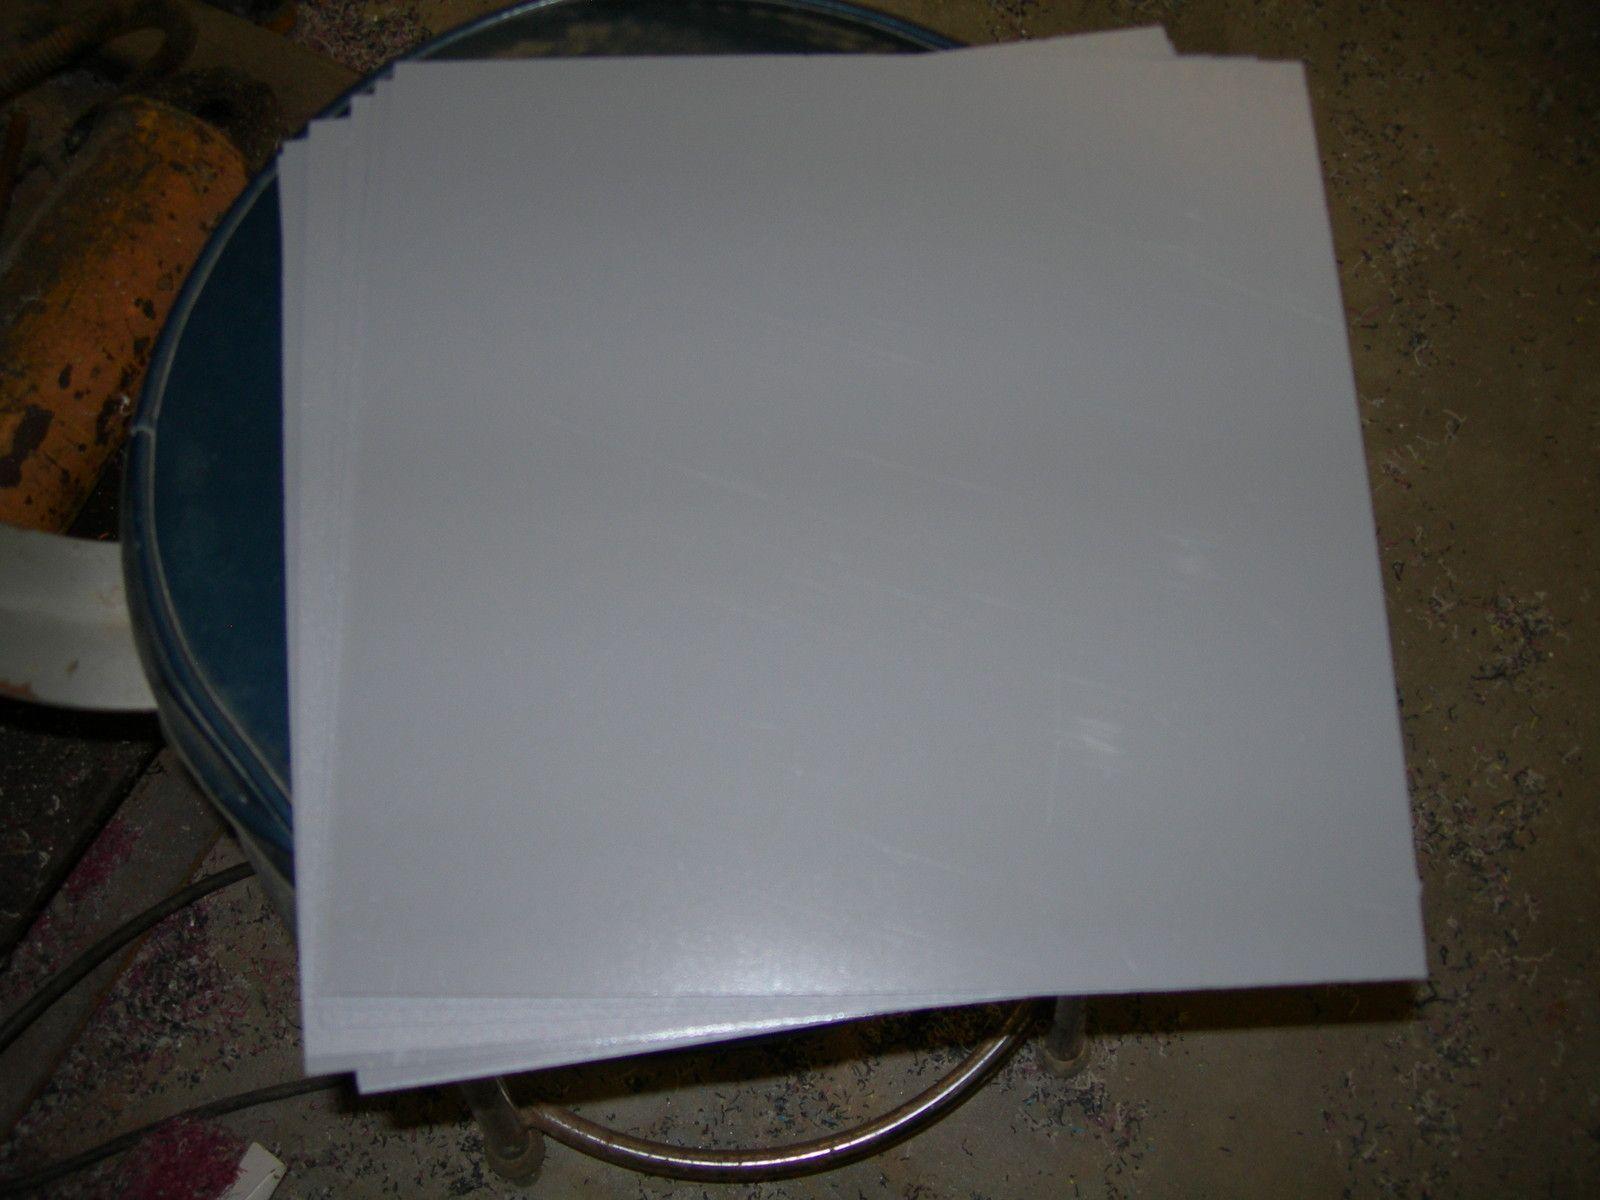 White Styrene Polystyrene Plastic Sheet 030 X 6 X 6 Light Diffusing Plastic Sheets Styrene Plastic Styrene